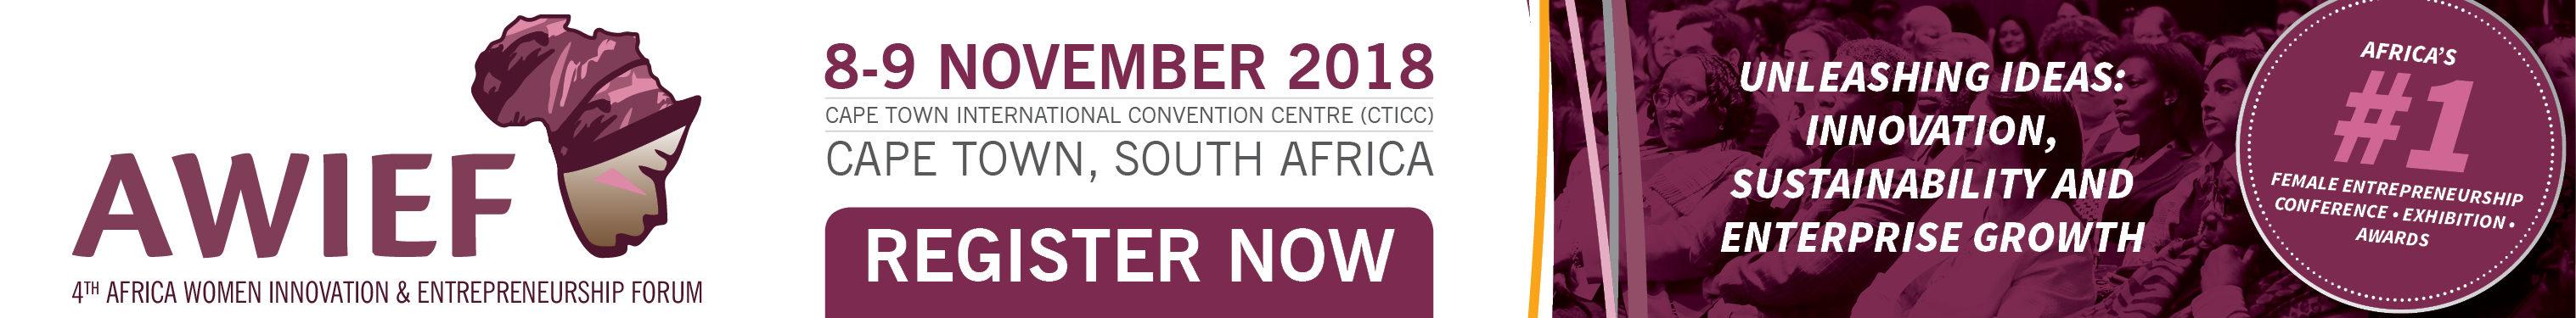 Africa Women Innovation & Entrepreneurship Forum Conference 2018